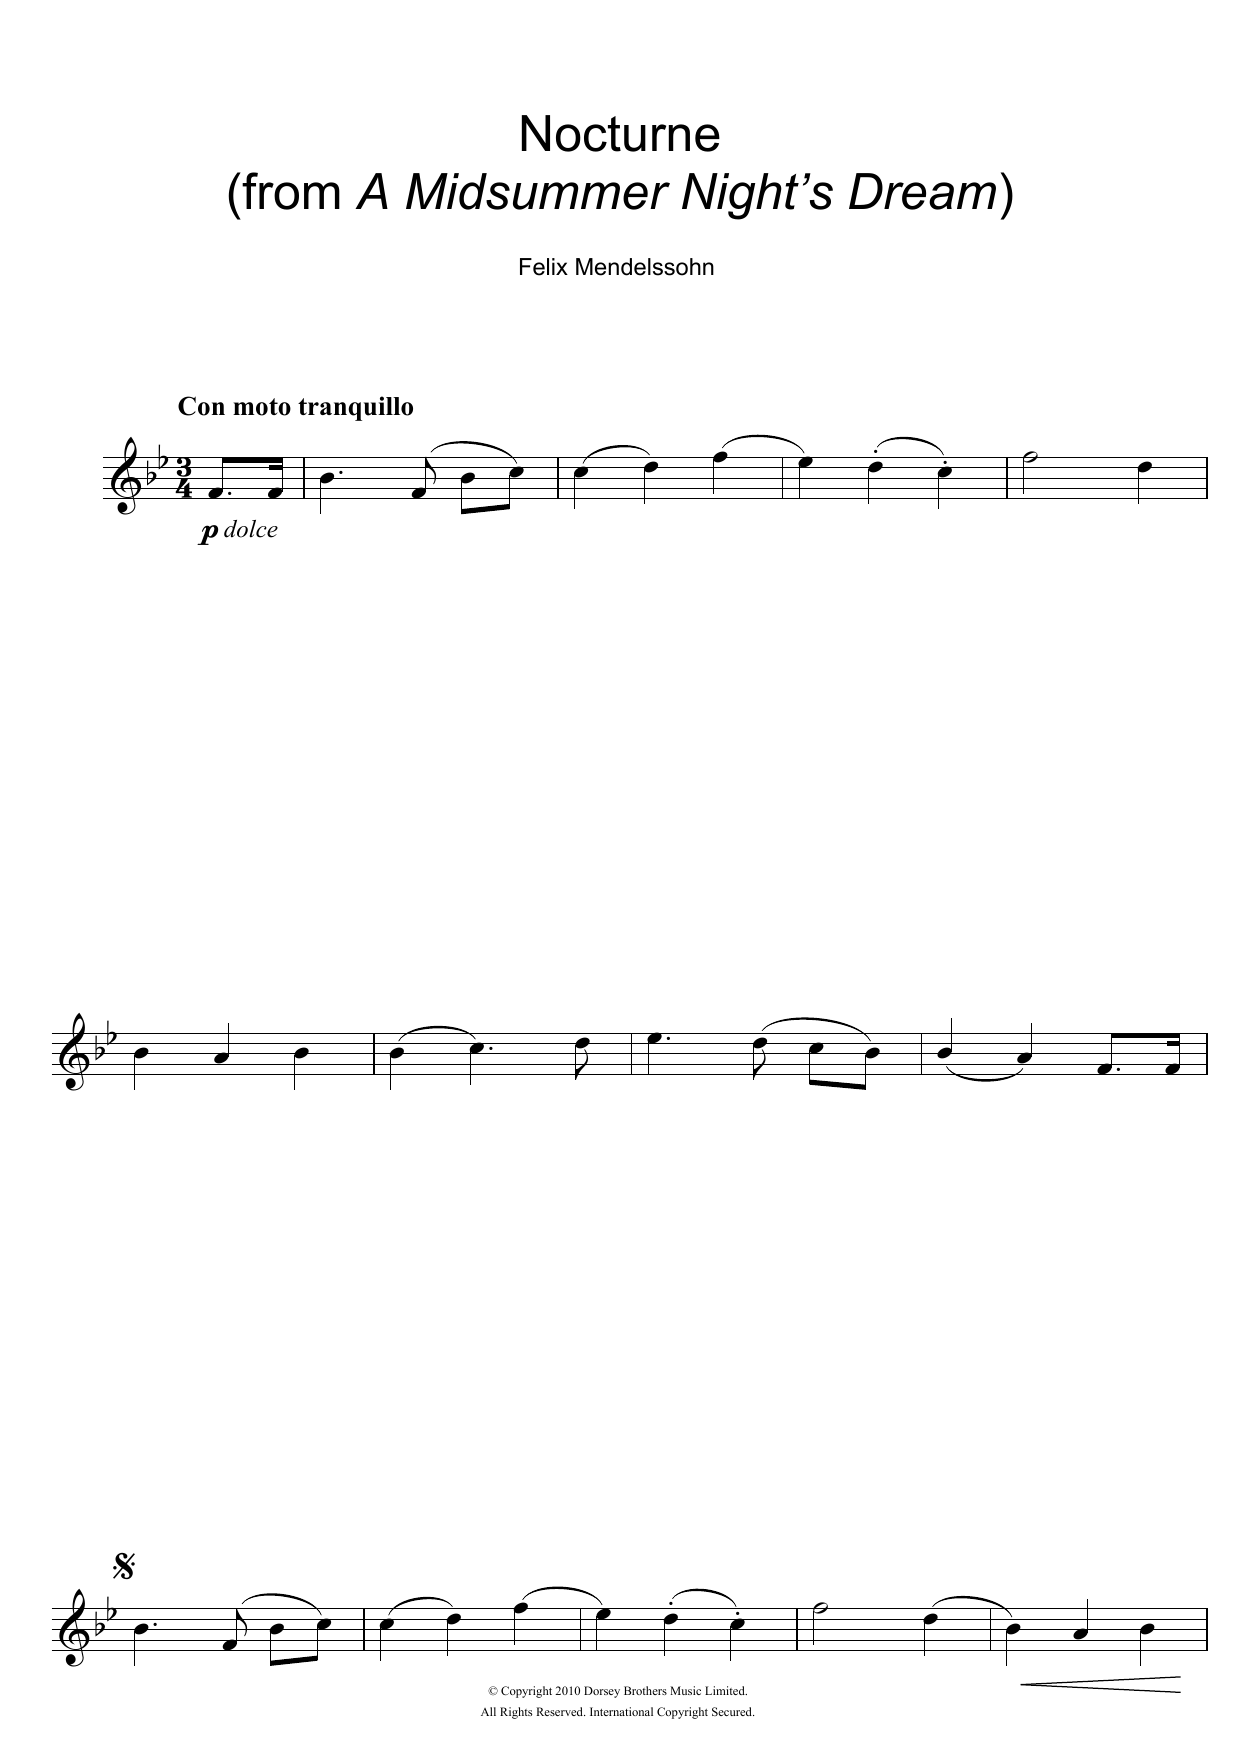 Felix Mendelssohn - Nocturne (from A Midsummer Night's Dream)